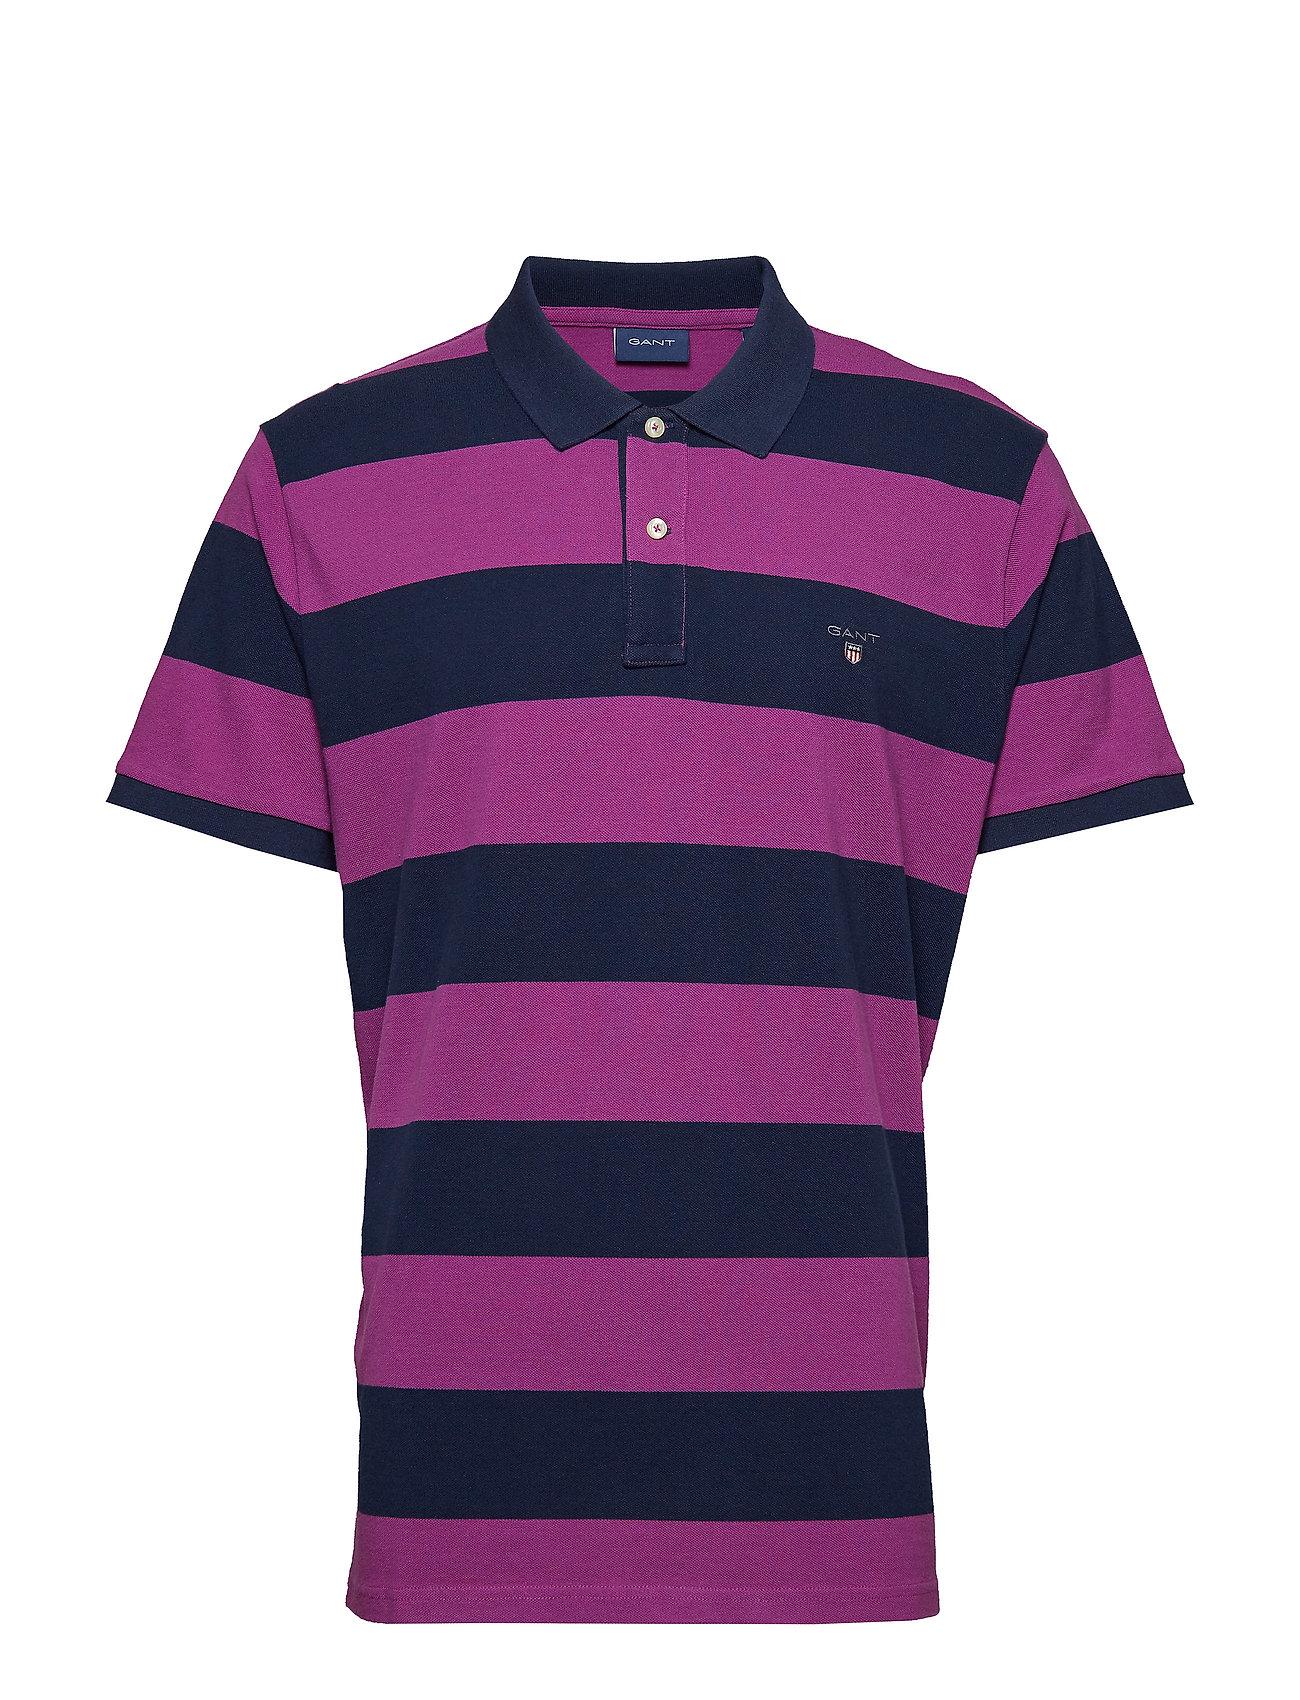 L. Barstripe Pique Rugger Poloshirt GANT